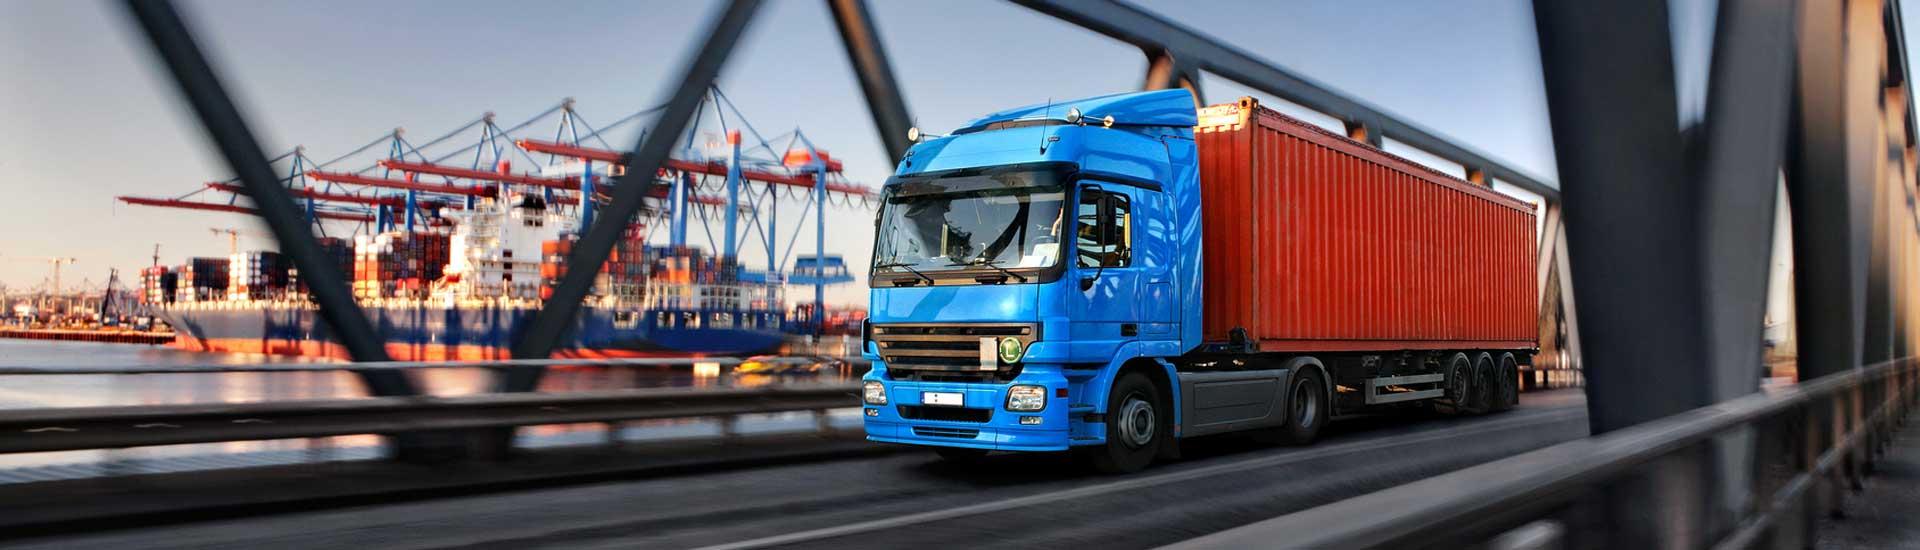 перевозка грузов по России автомобильным транспортом